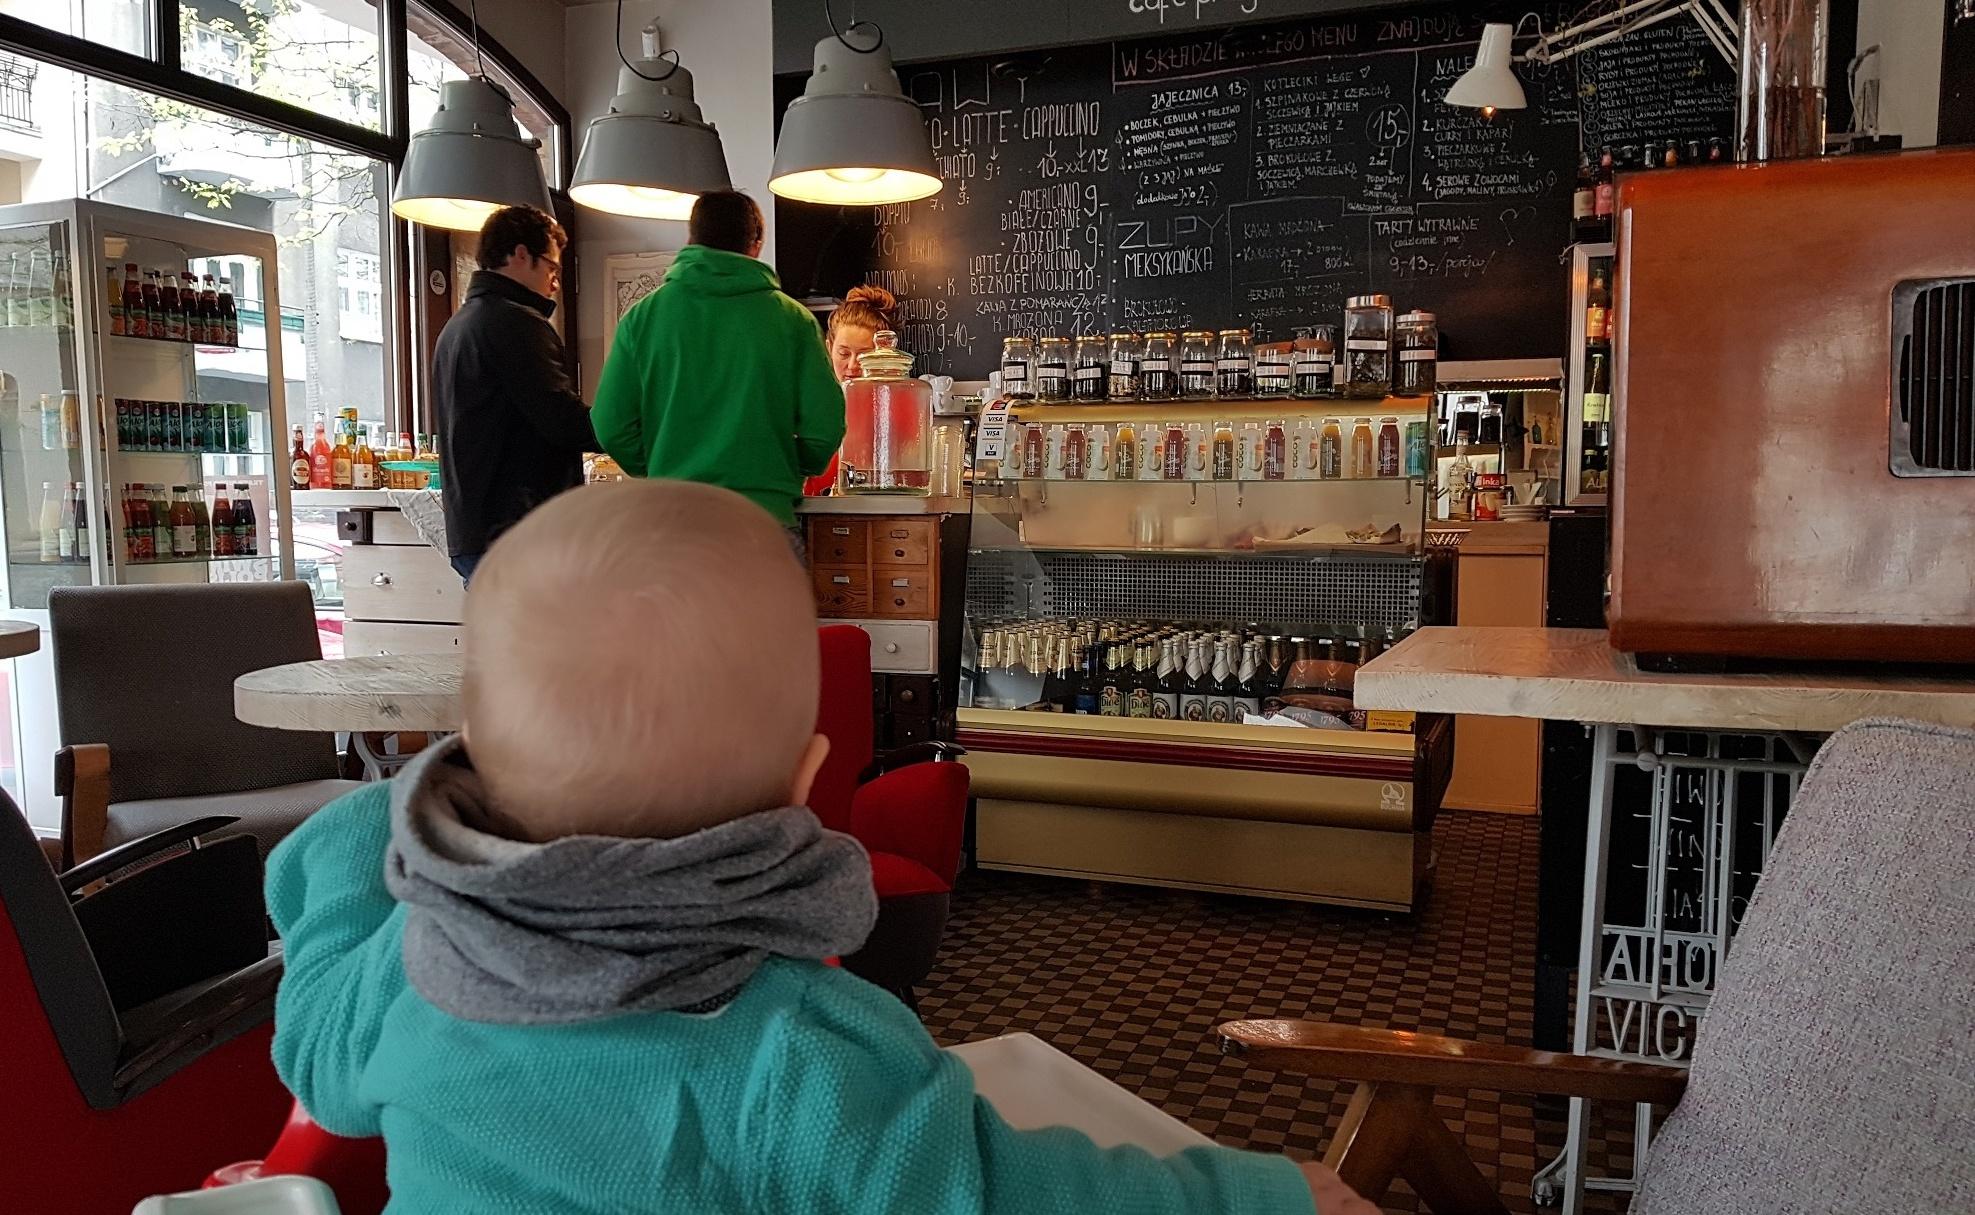 RUTYNOWE DZIAŁANIA – CAFE PRZYMIARKA